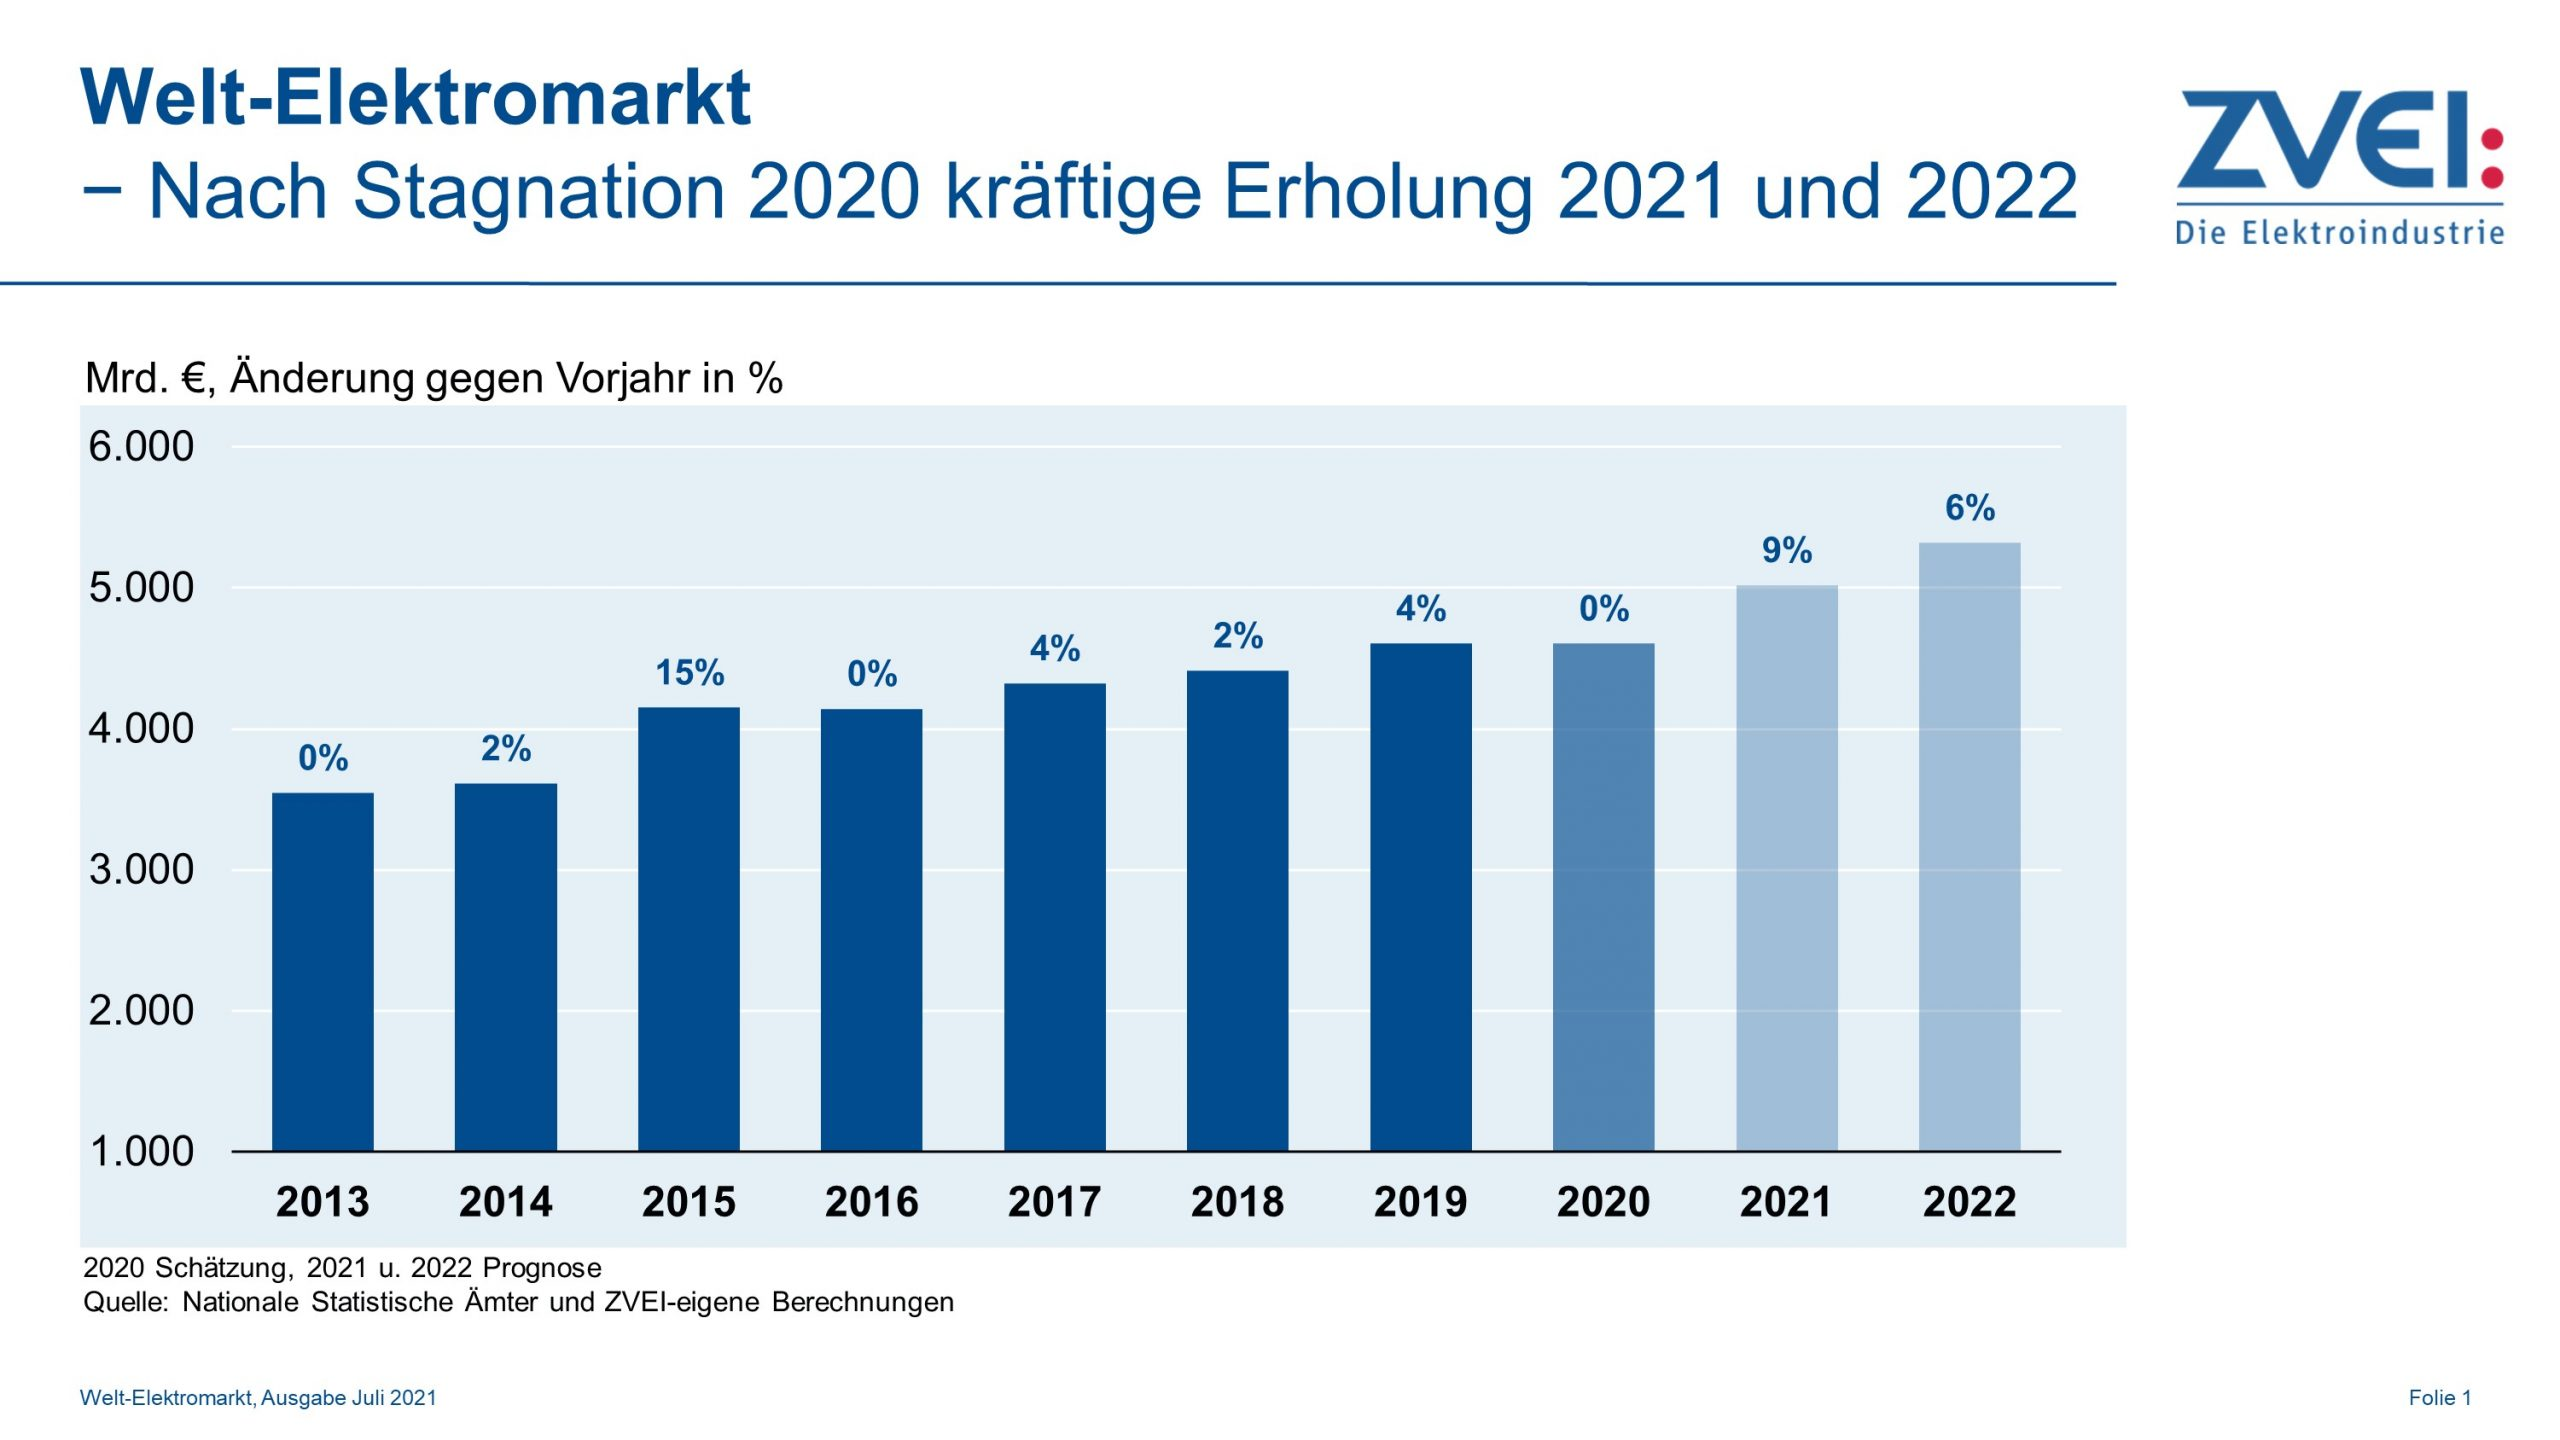 Welt-Elektromarkt erholt sich 2021 deutlich